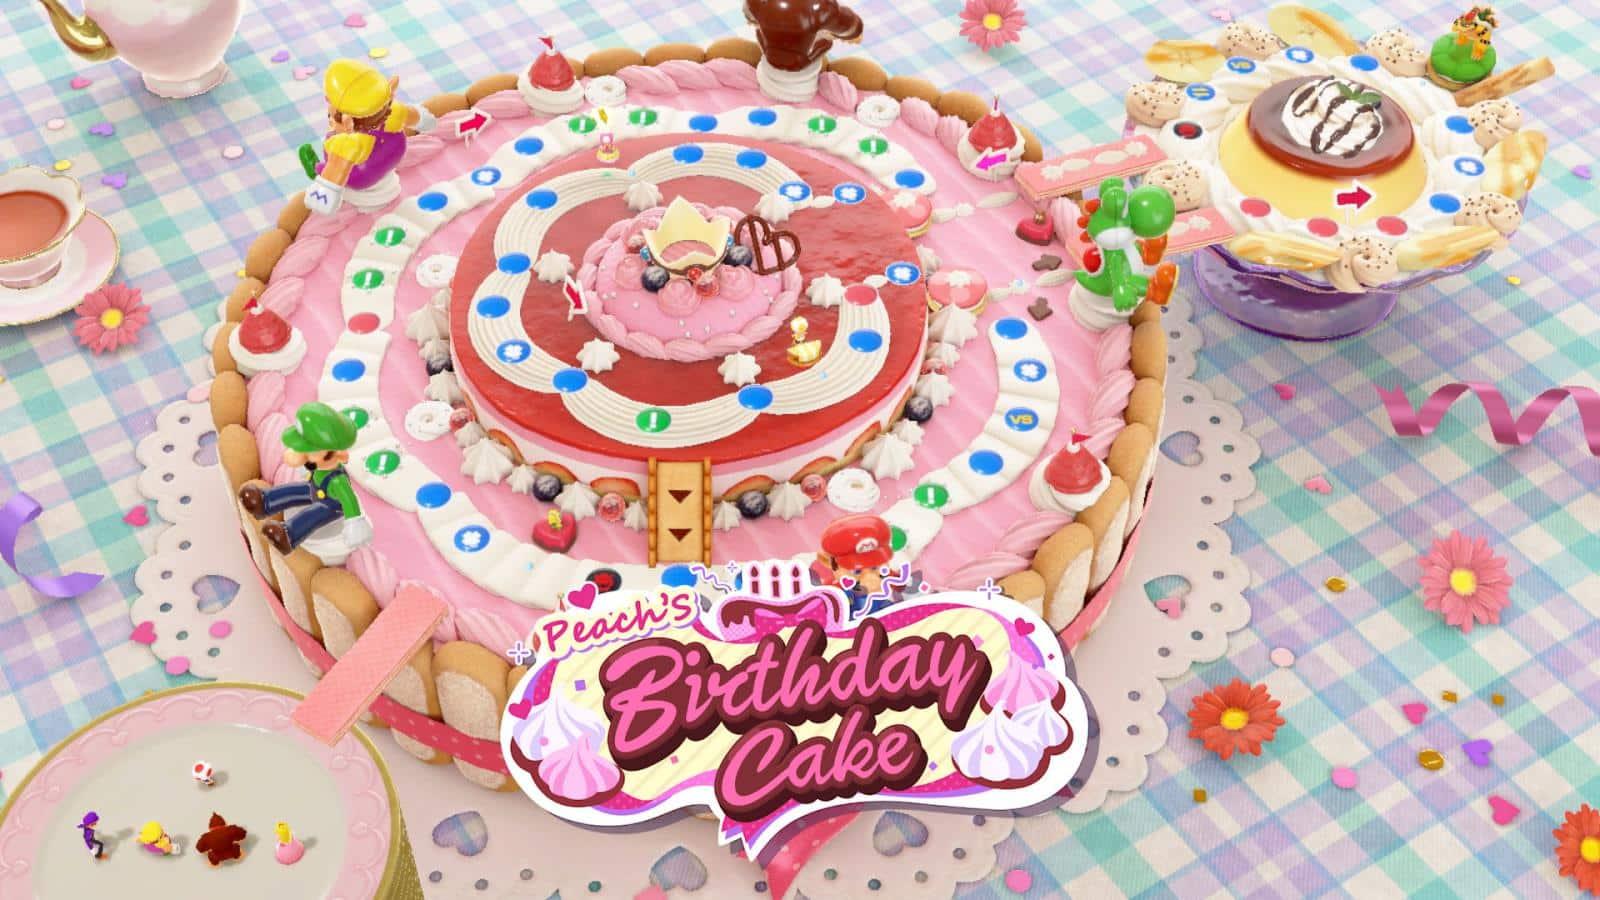 צילום מסך 1 למשחק: Mario Party Superstars לקונסולת נינטנדו סוויץ' עוגת יום הולדת לנסיכה פיץ'